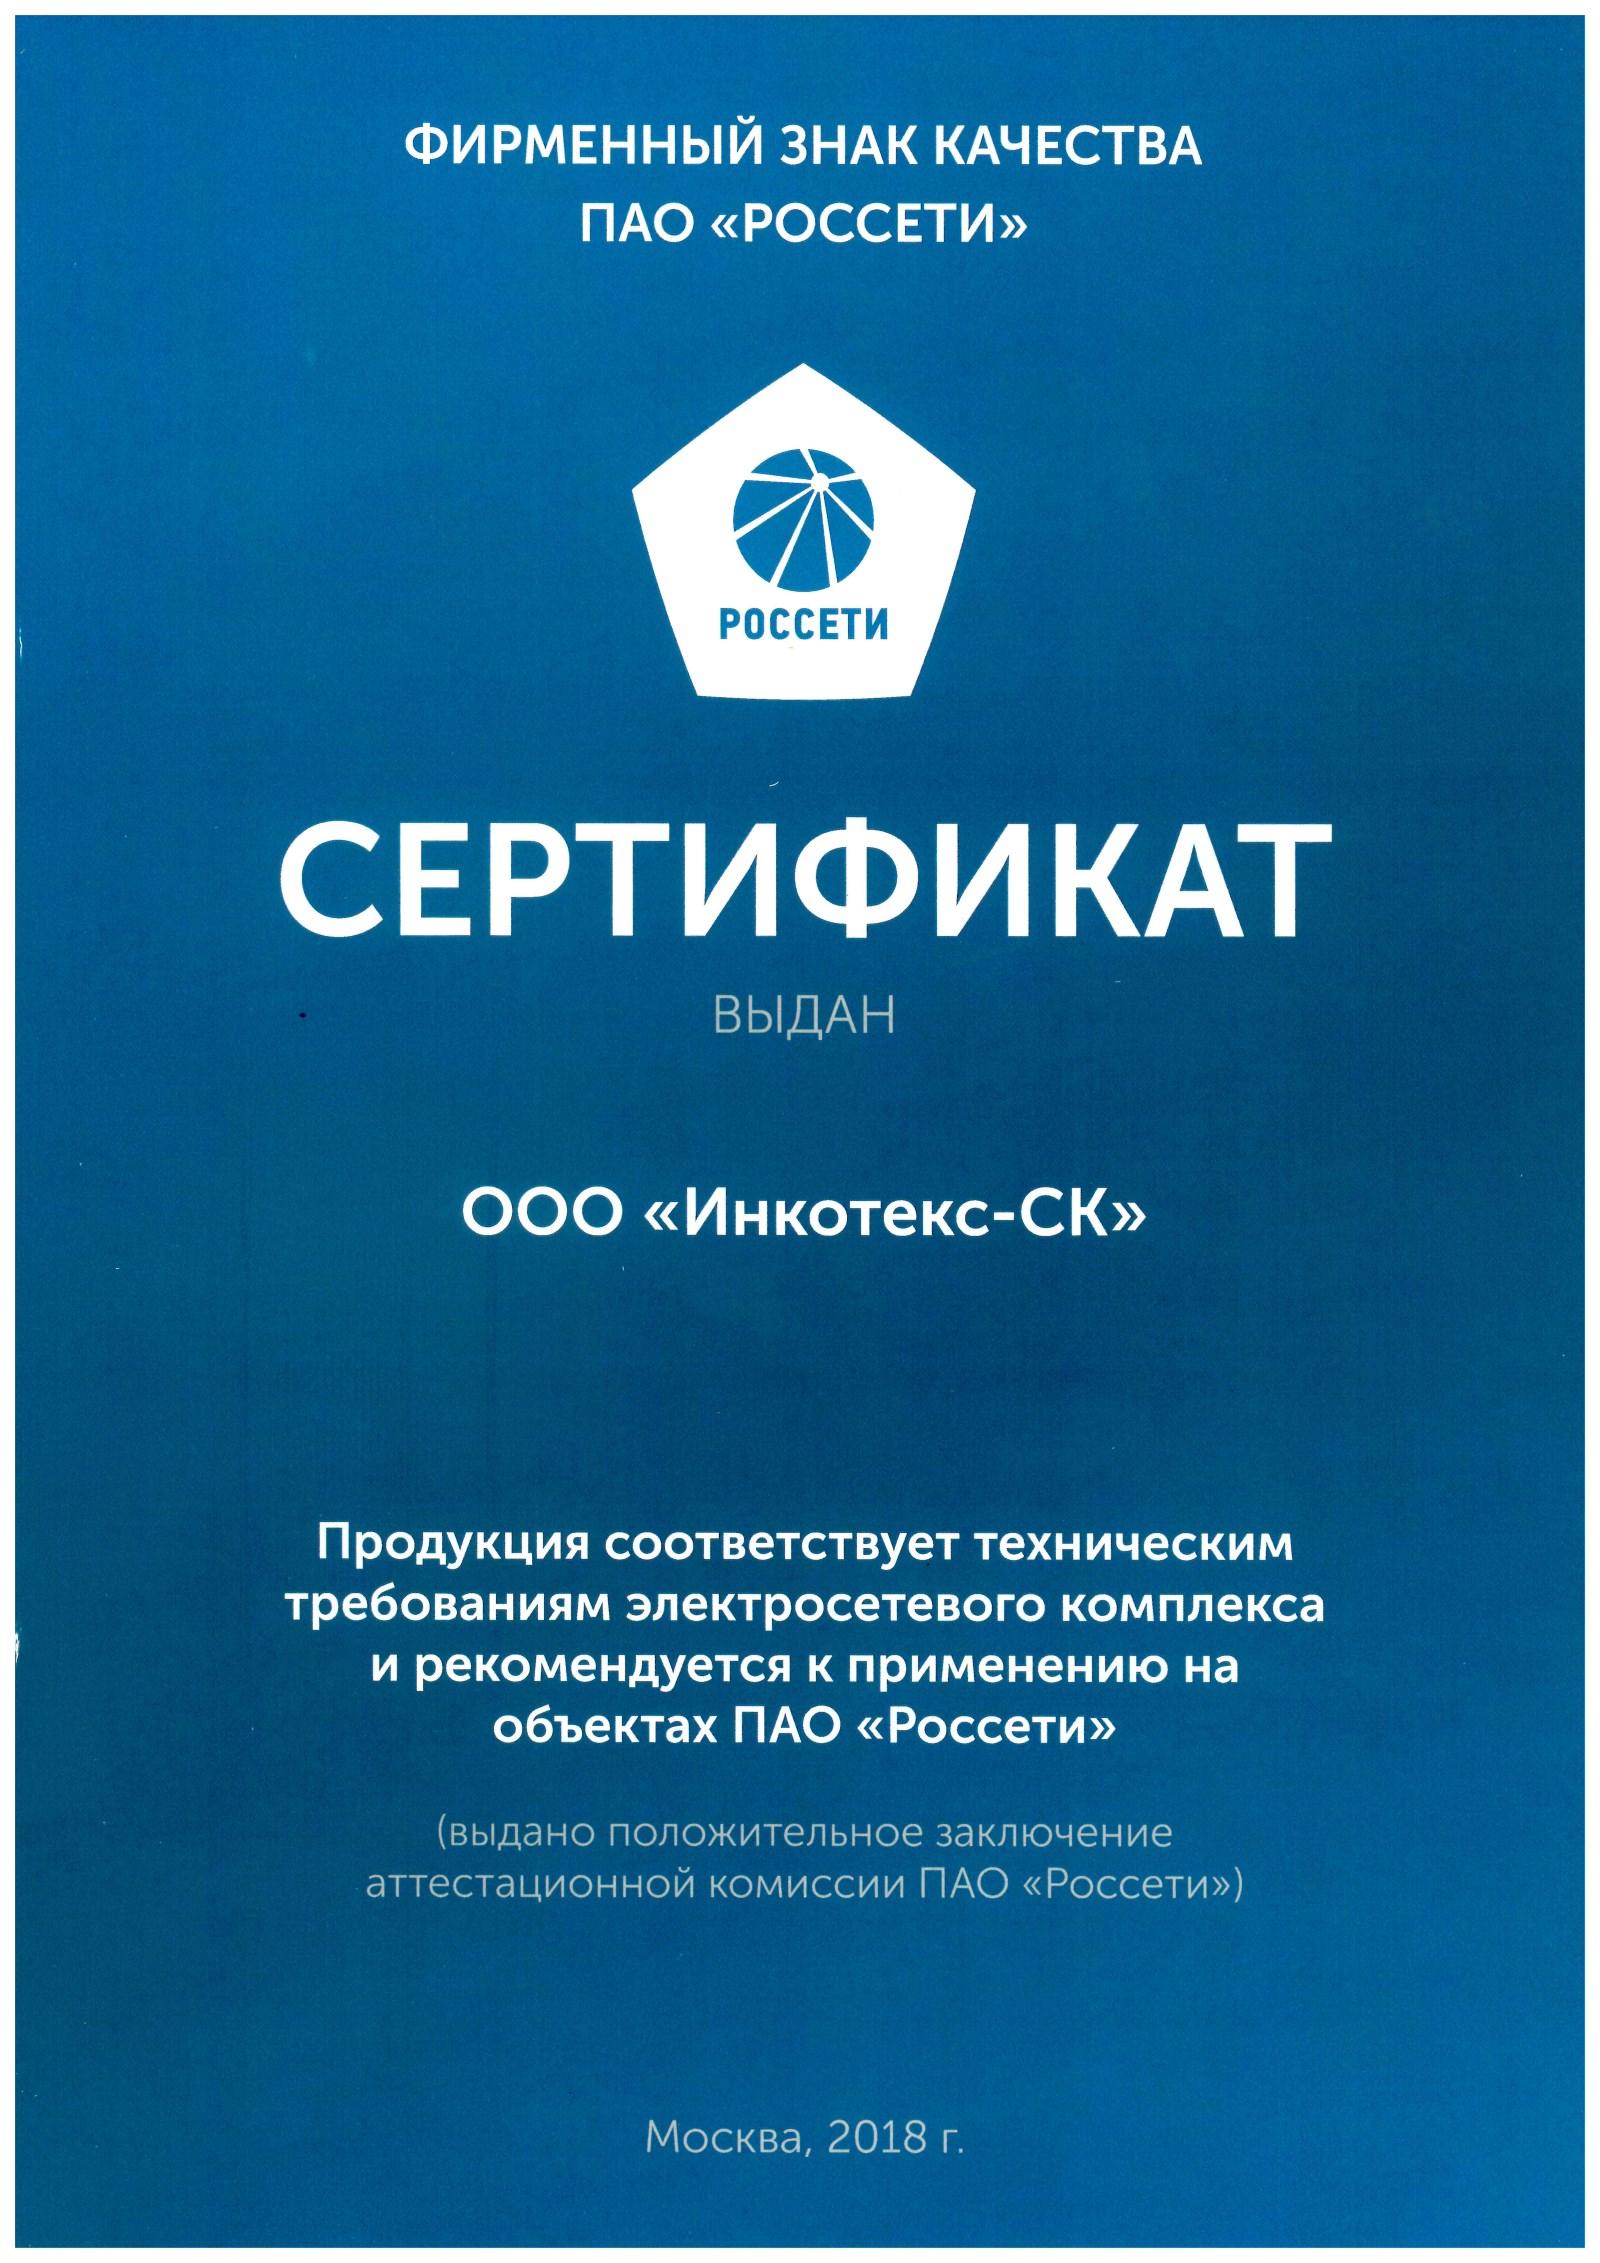 Сертификат соответствия техническим требованиям ПАО «Россети»